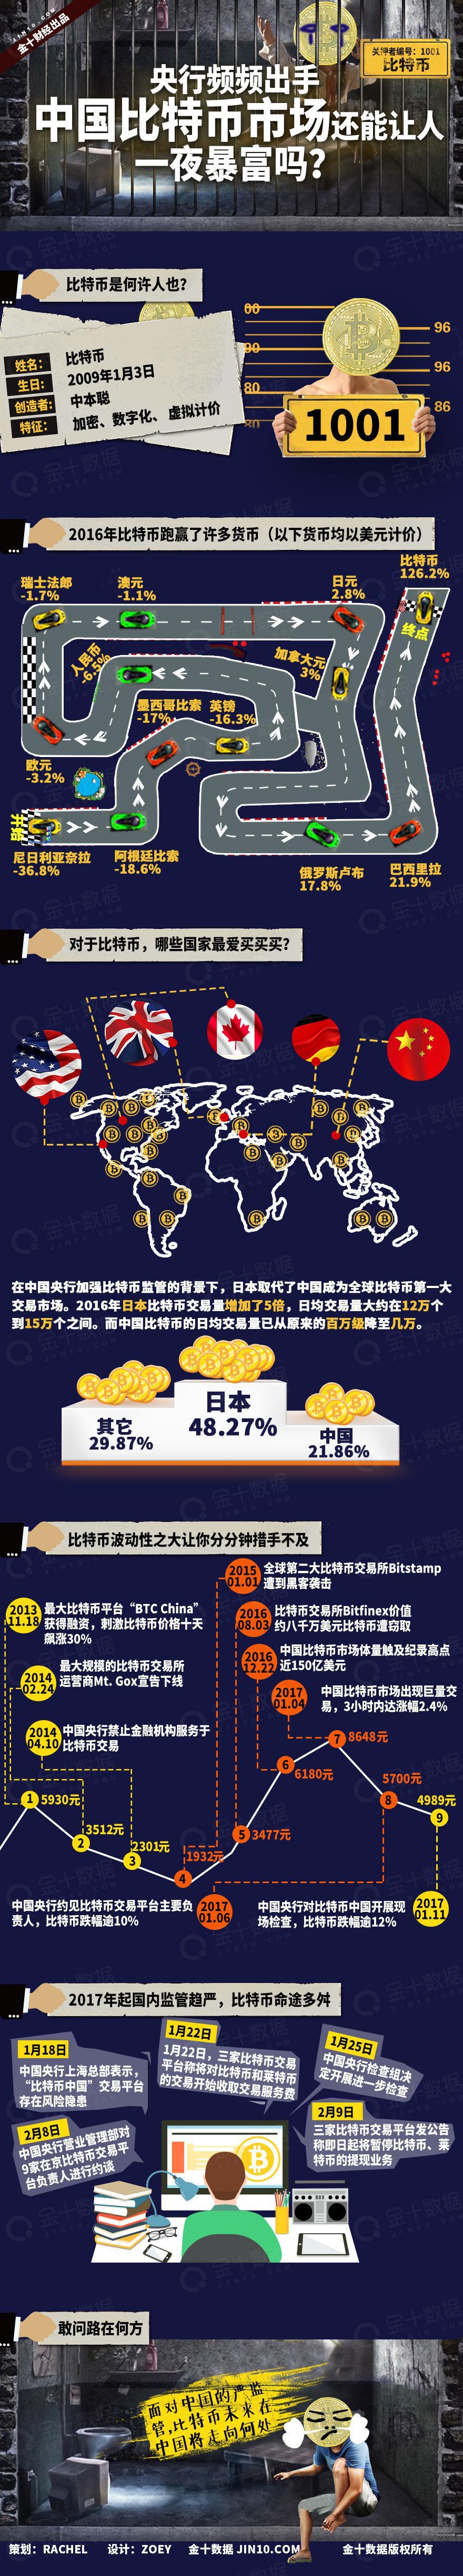 央行频频出手 中国比特币市场还能让人一夜暴富吗?